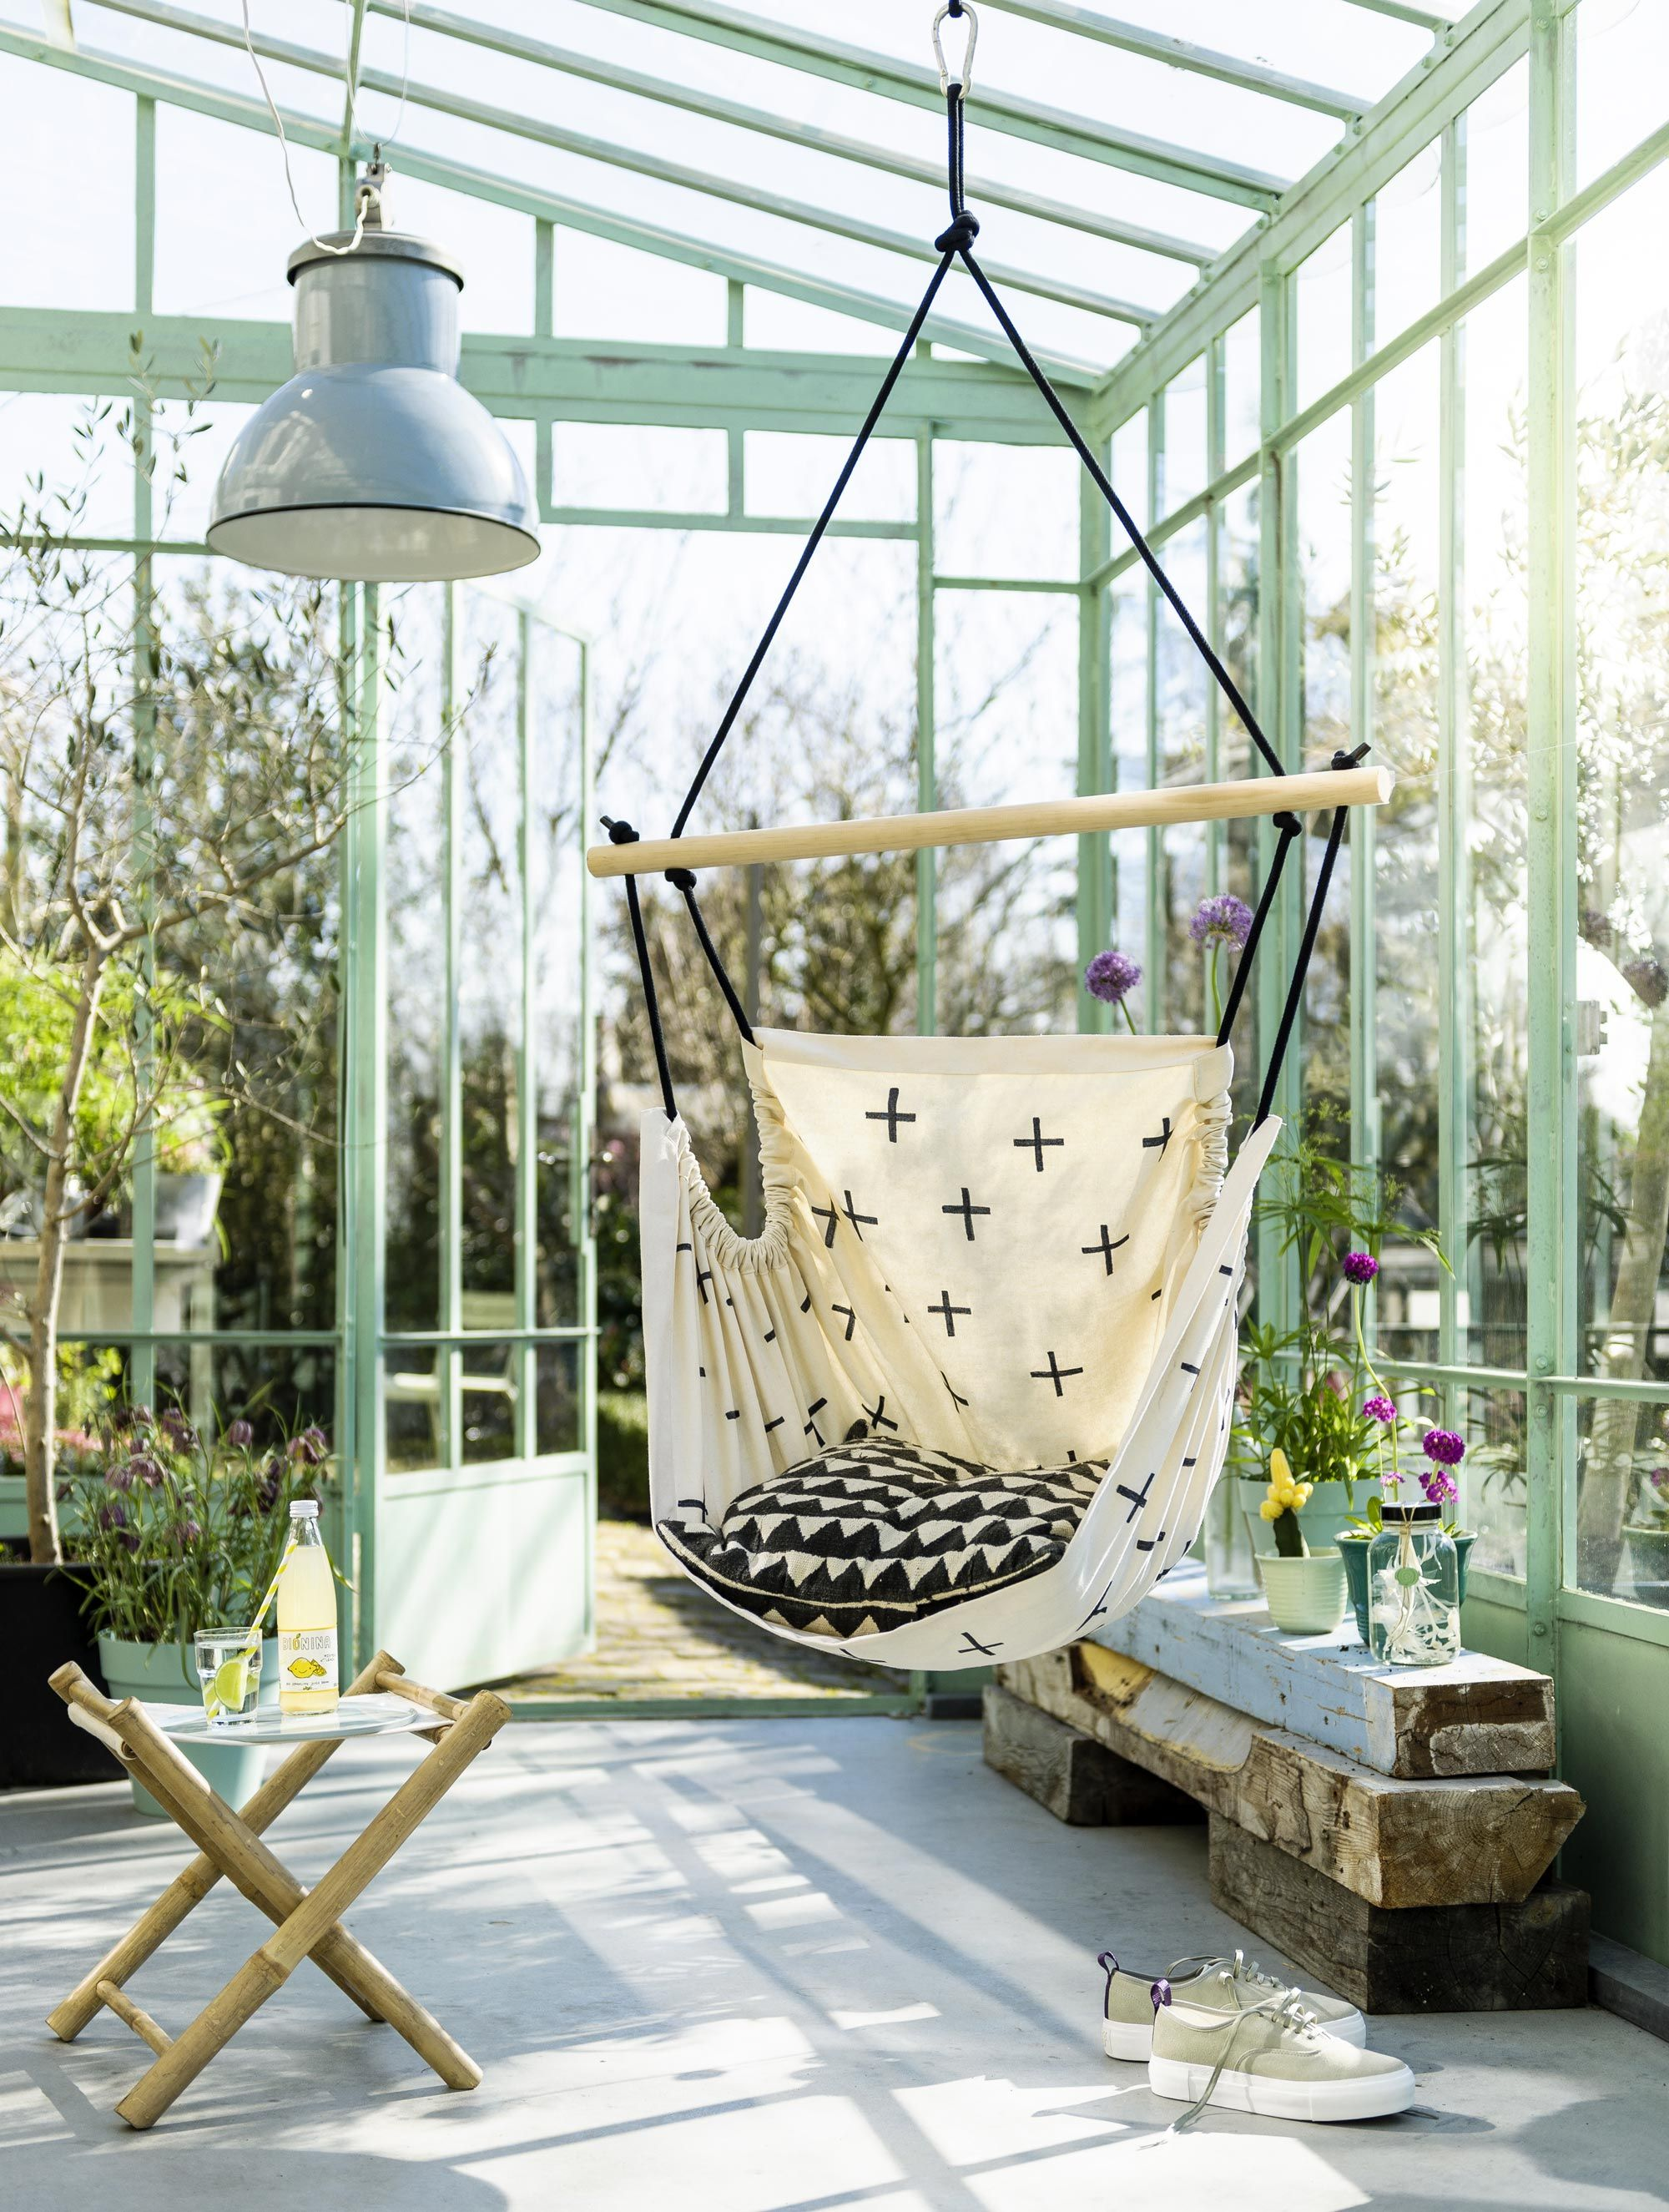 Hangstoel hammock chair fotograaf sjoerd eickmans styling kim